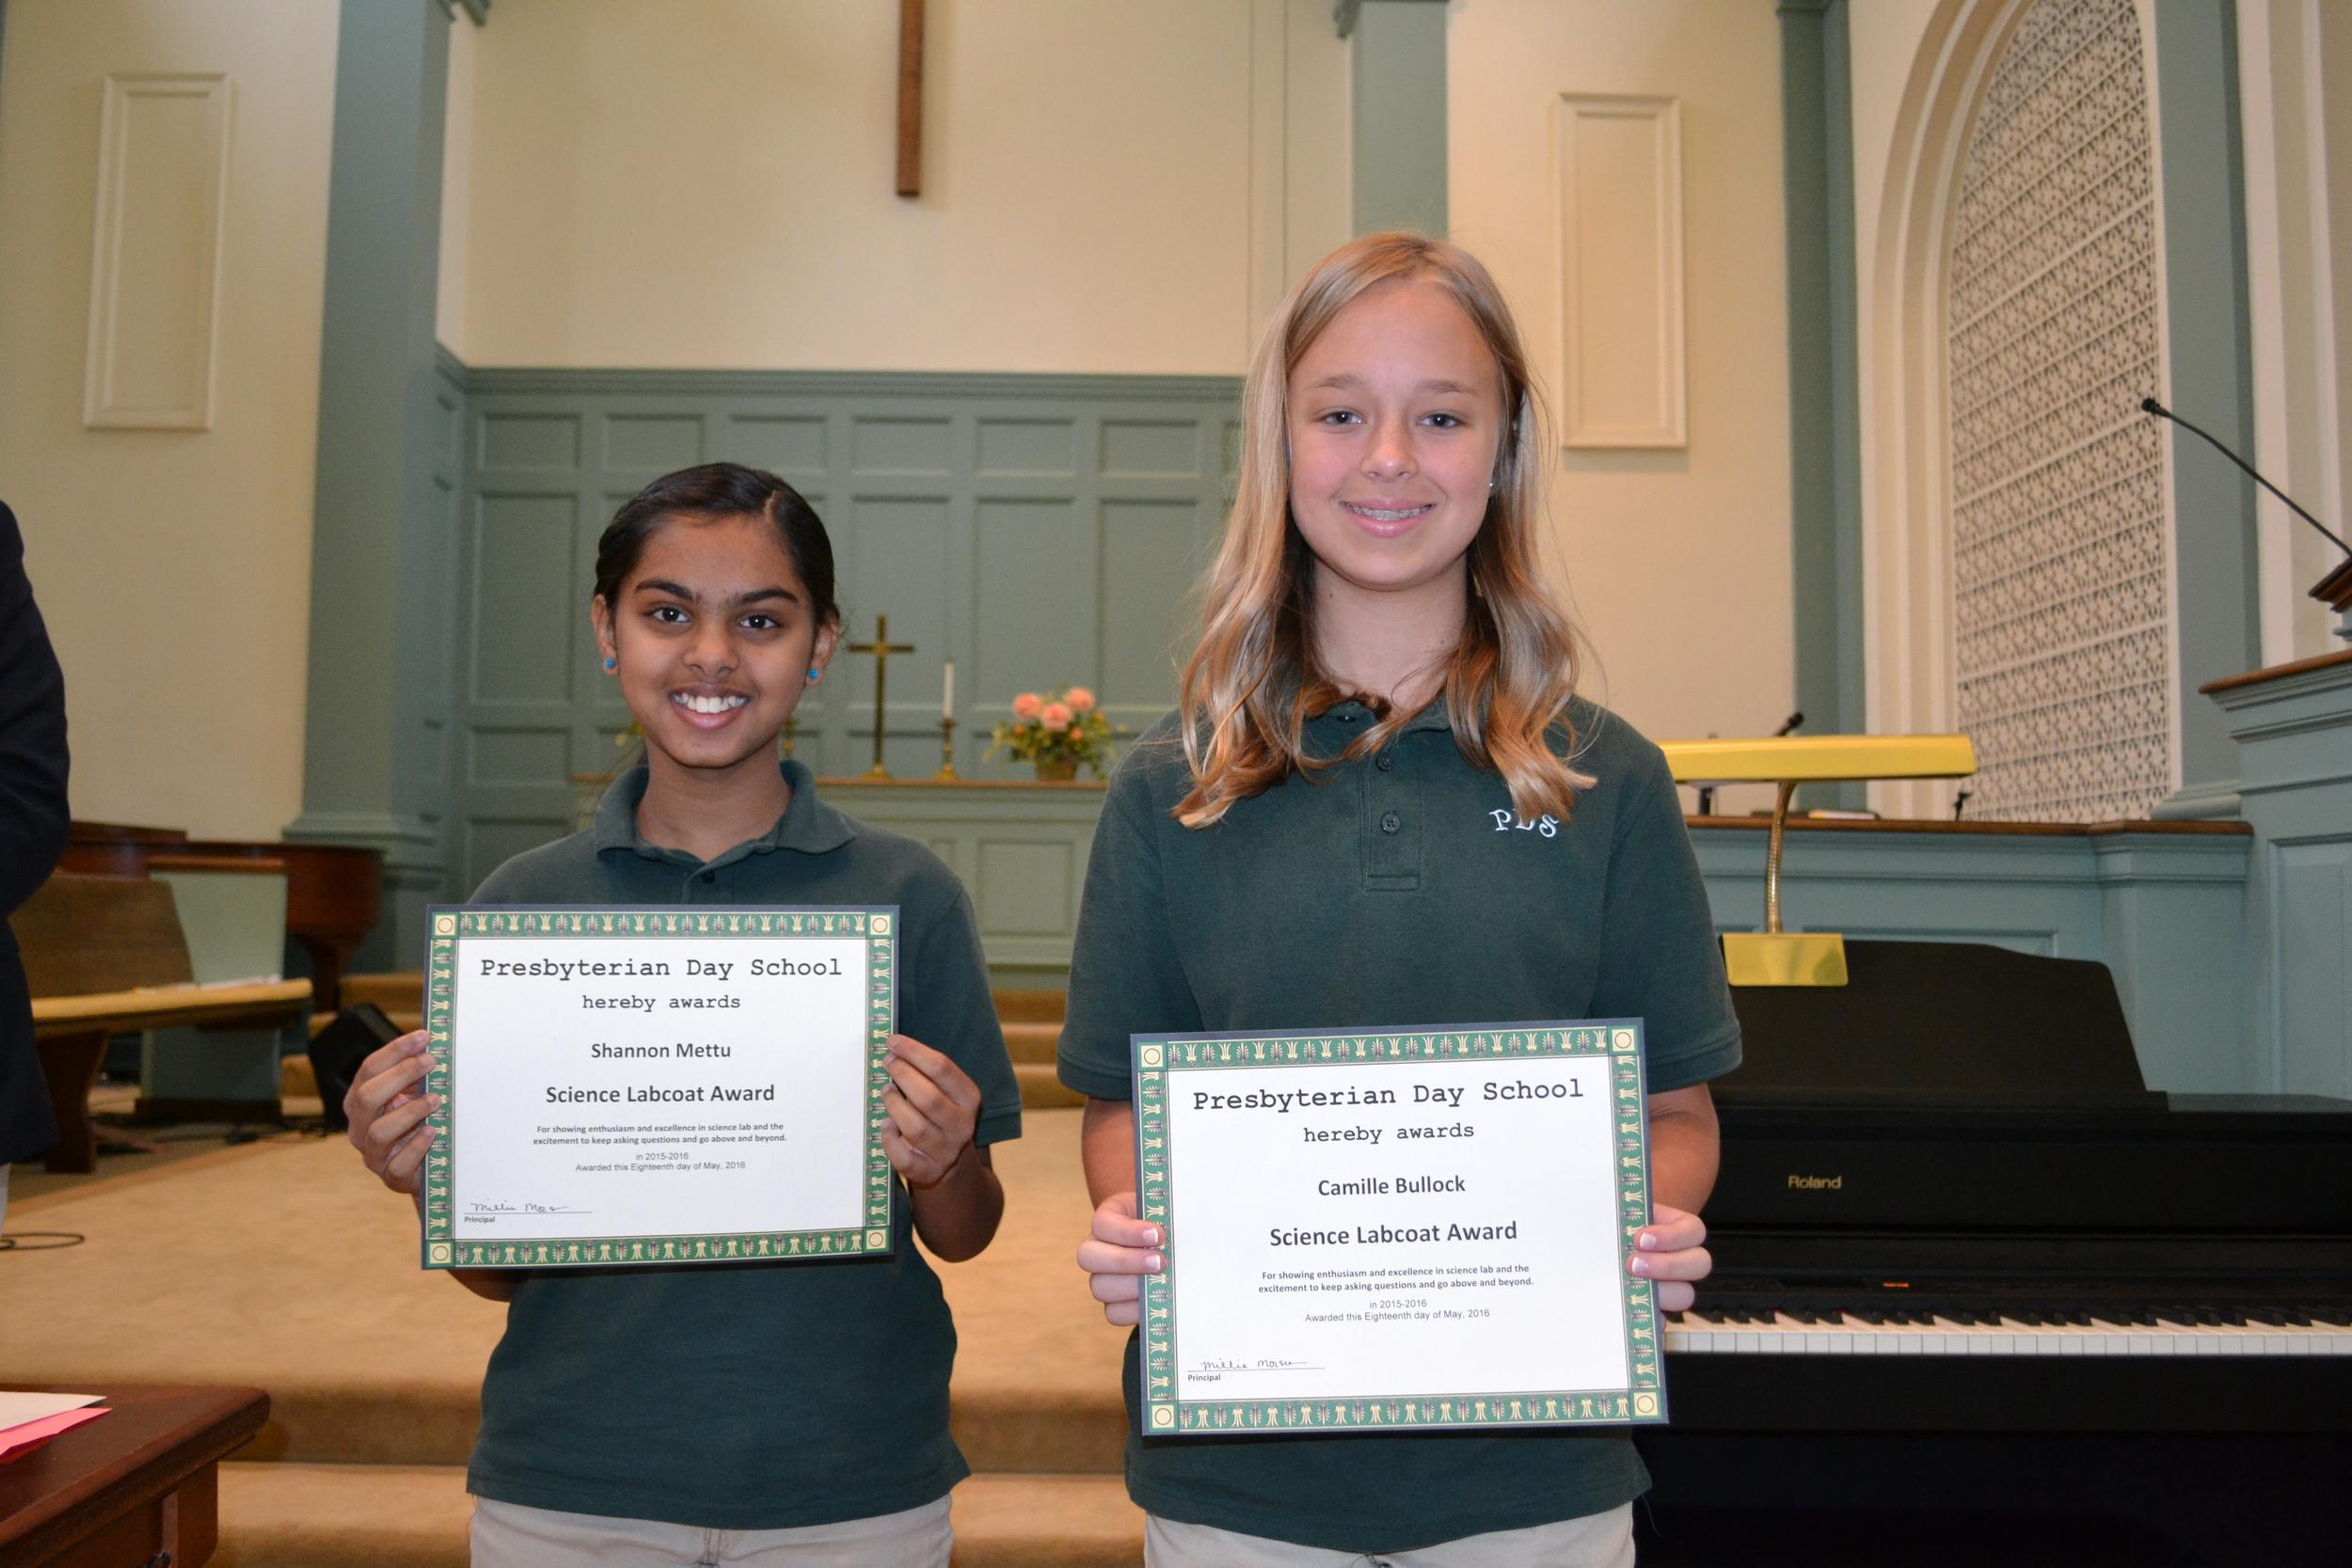 Science Labcoat Award